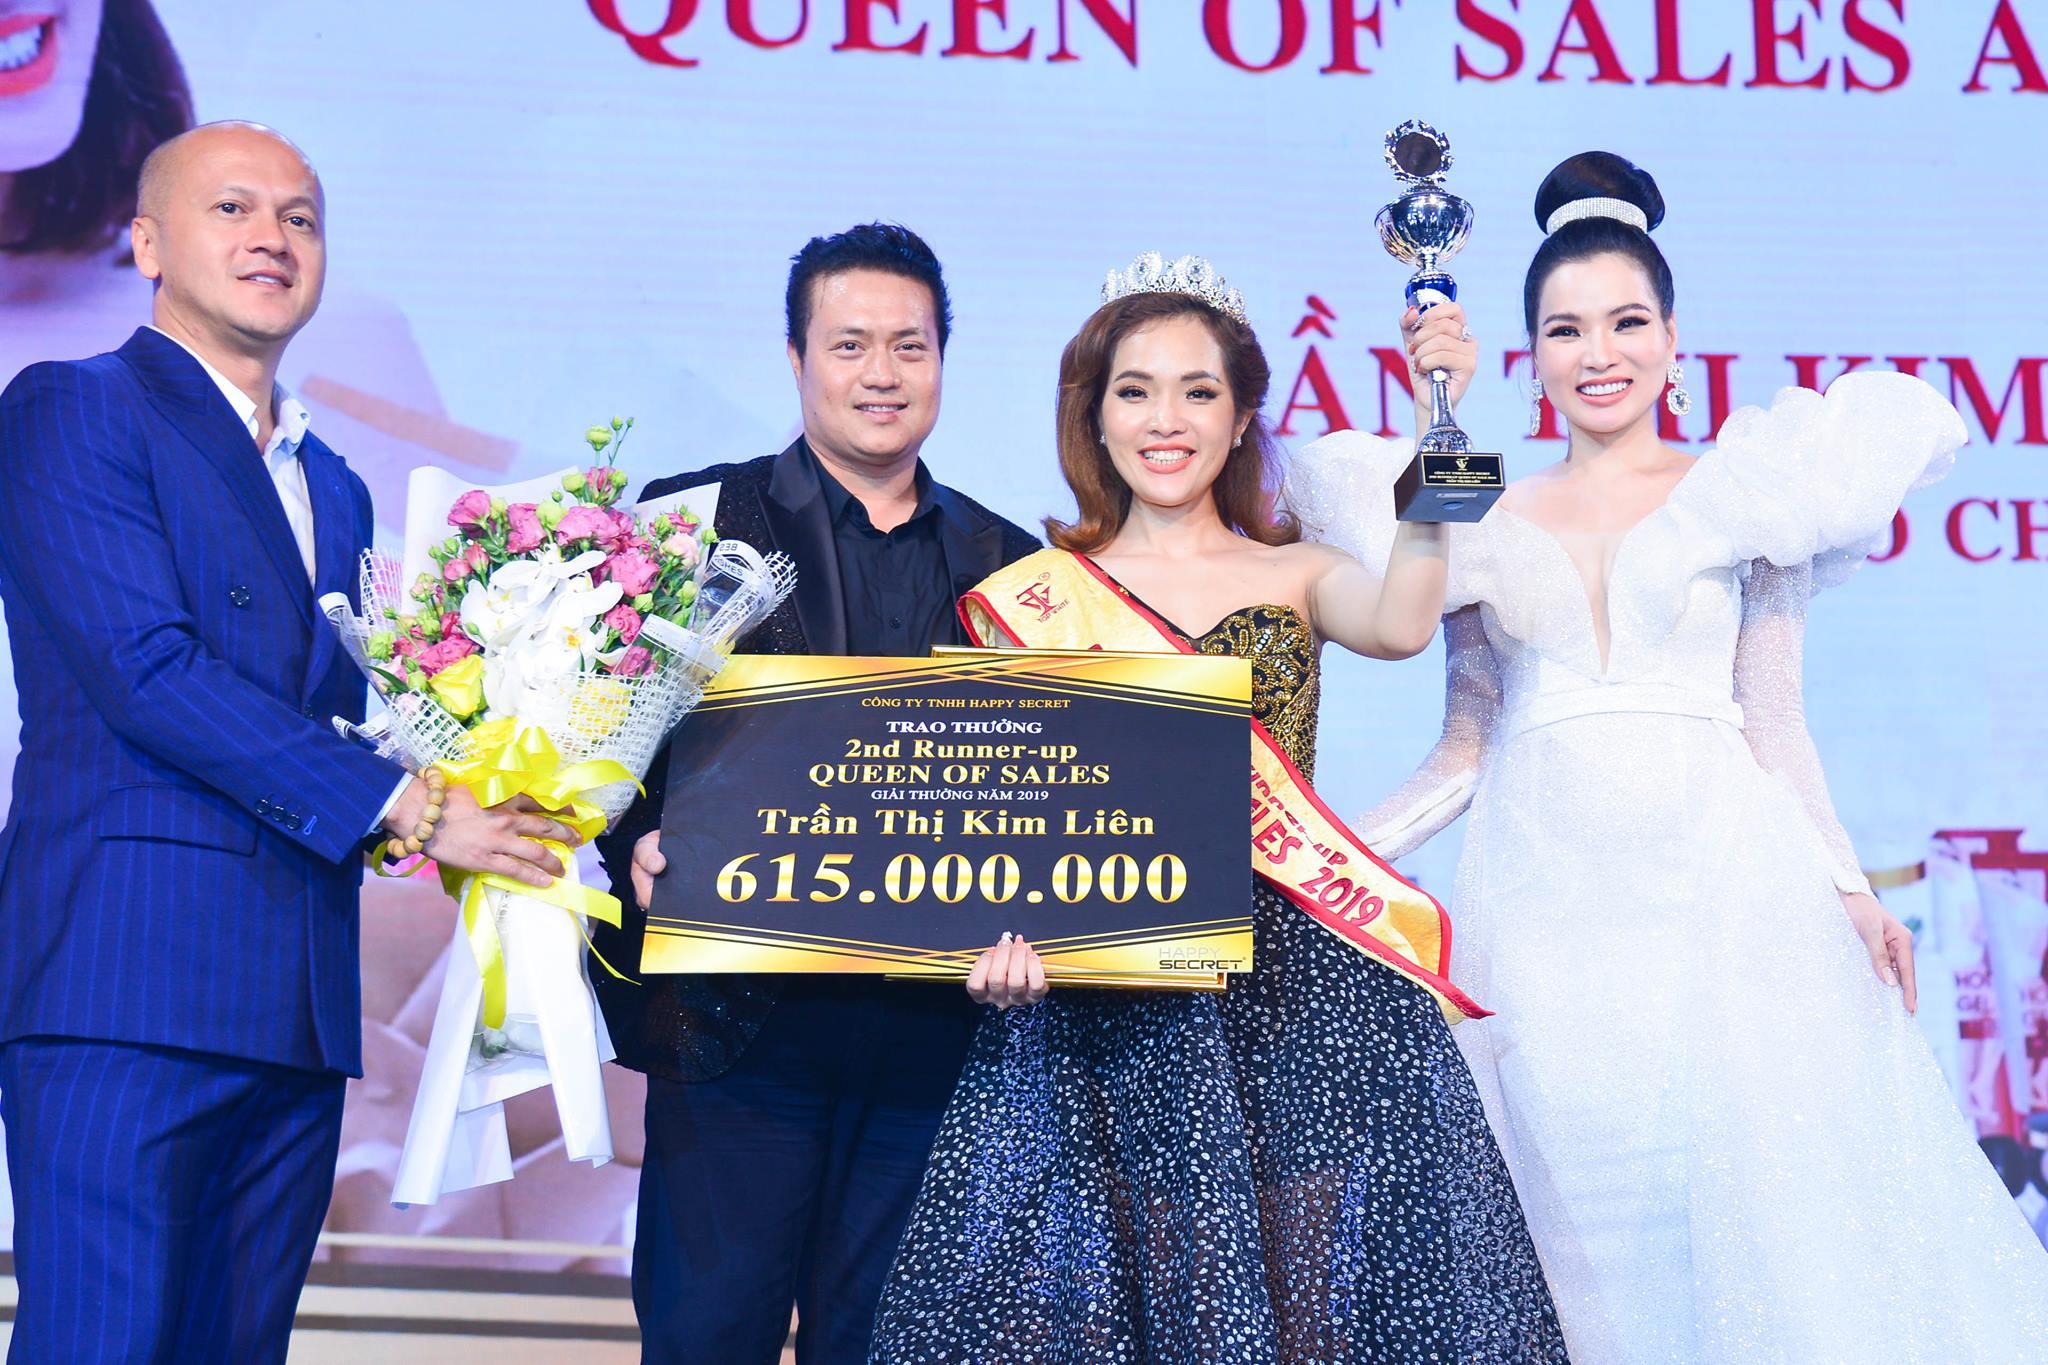 Cô nhận giải Á Hoàng Sales 2 trong sự kiện Top White Best Awards Of The Year 2019